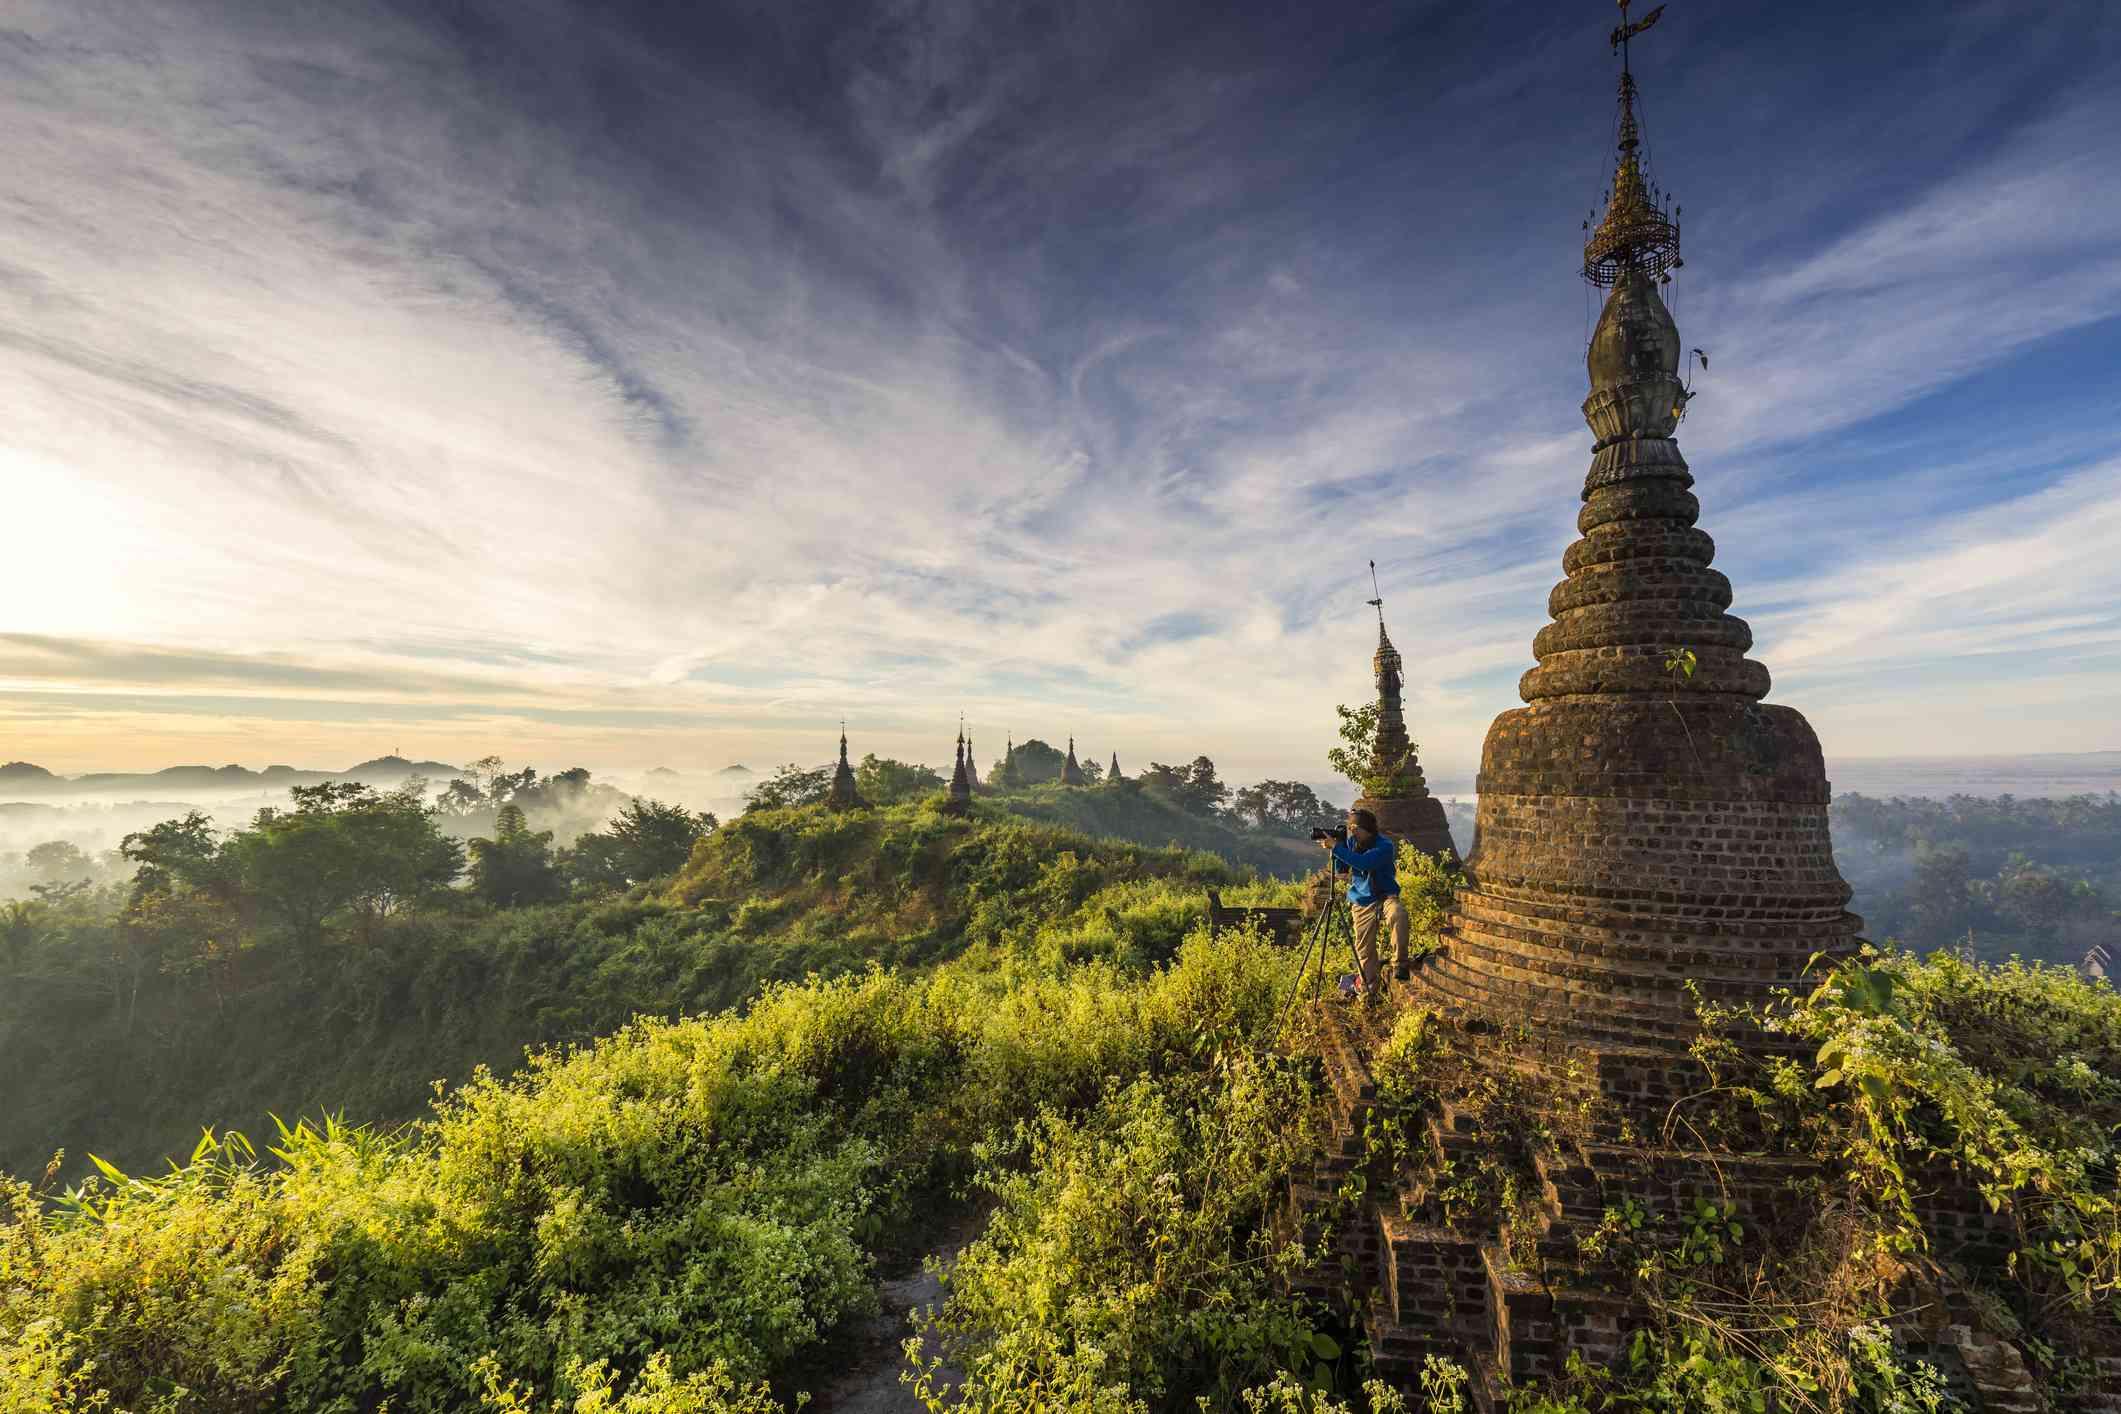 Mrauk U city pagoda.